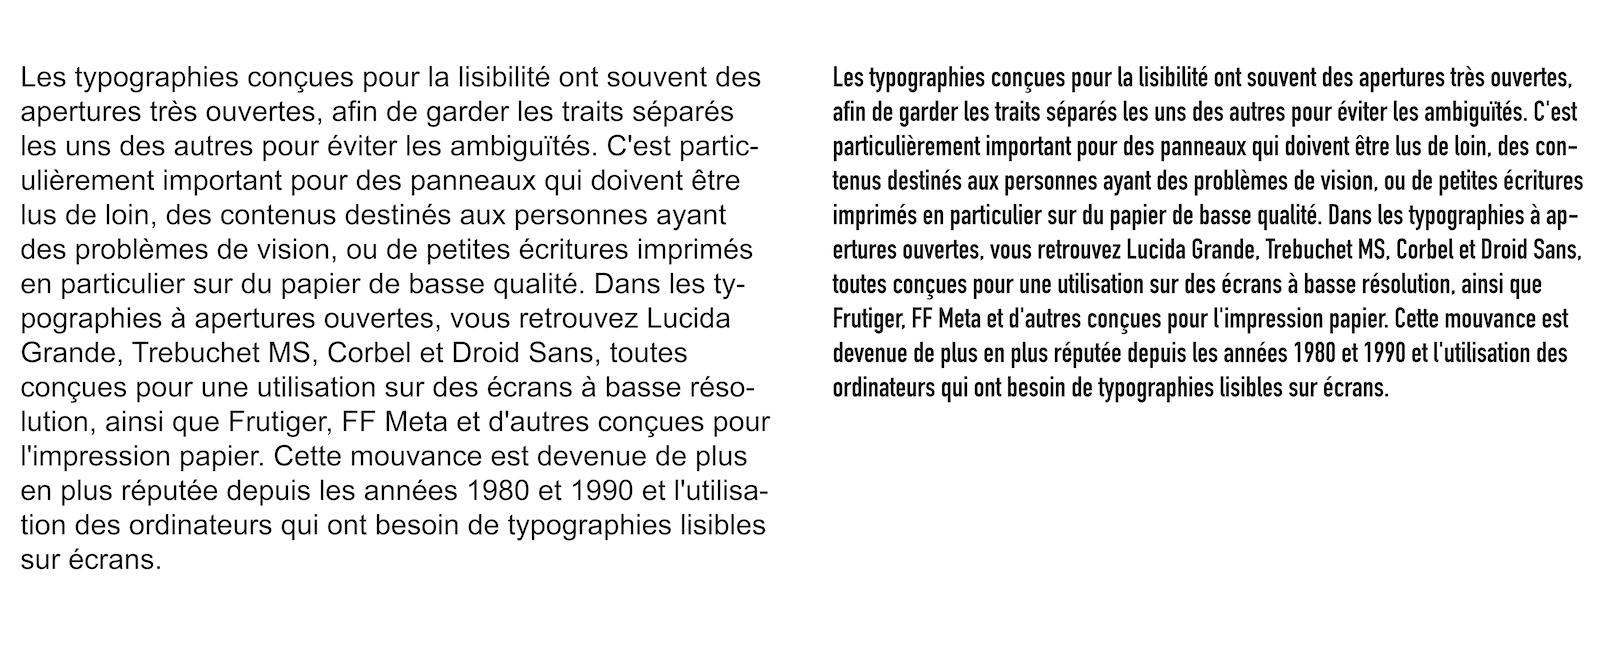 Paragraphe de texte dans une police à apertures et contreformes ouvertes (à gauche) et à apertures et contreformes fermées (à droite). Crédit texte : Contreforme (typographie), Wikipedia.